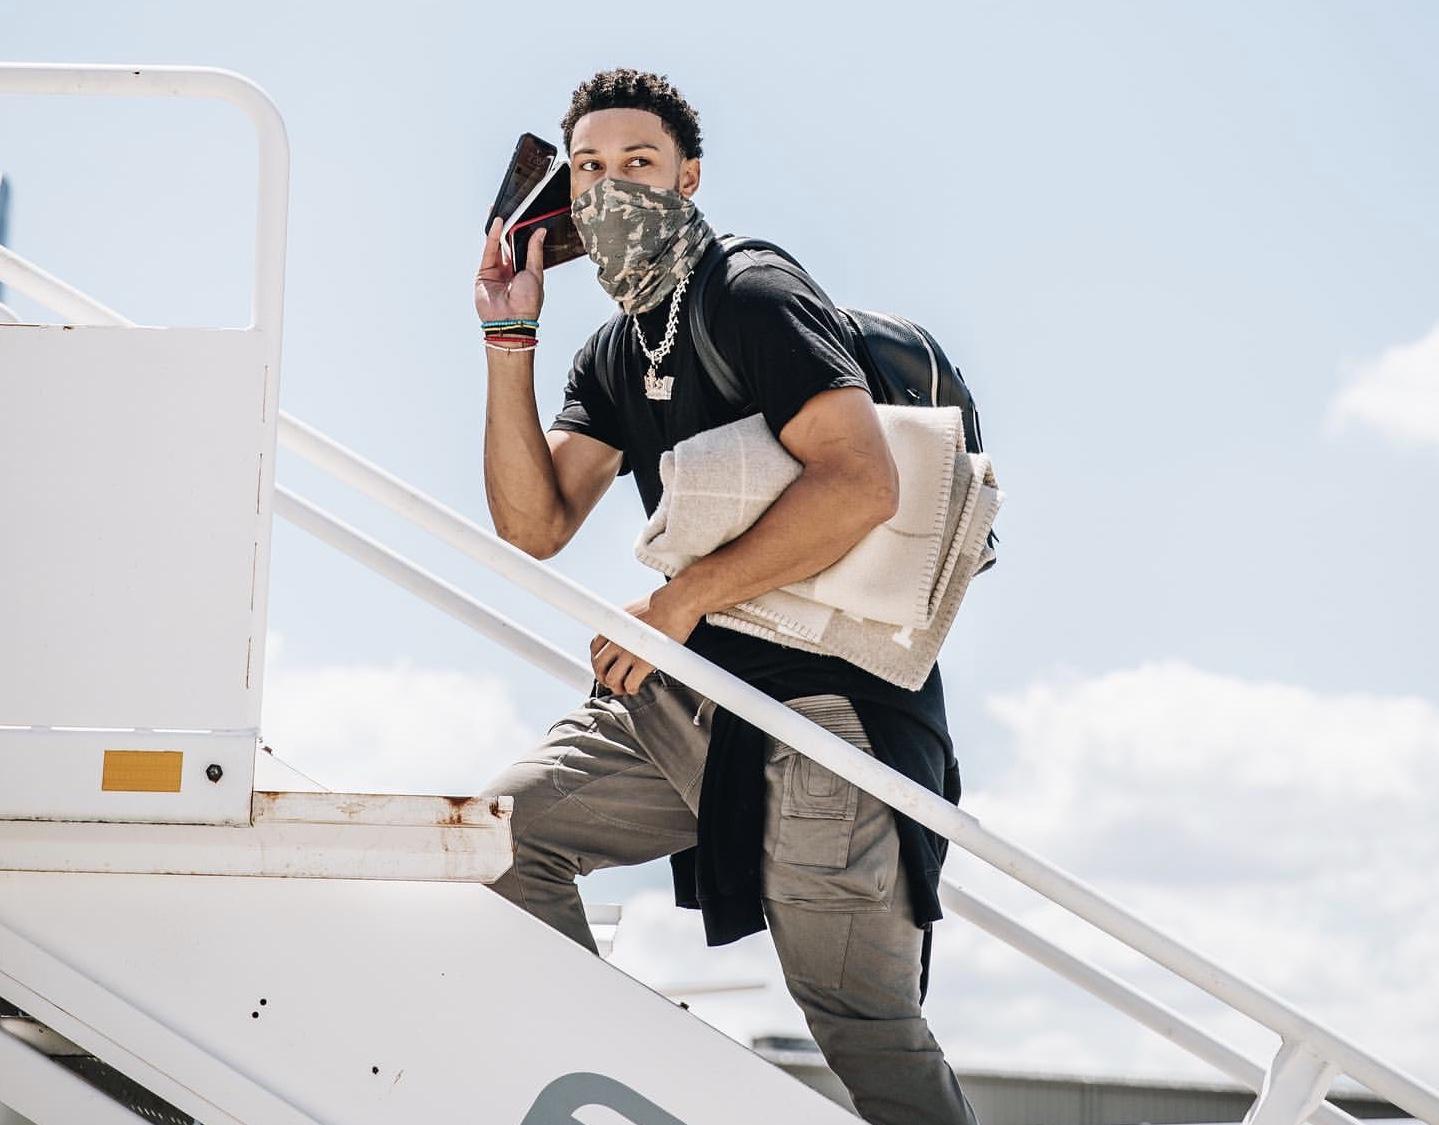 西蒙斯晒登机照:如果你需要找我,我们隔离赛区见